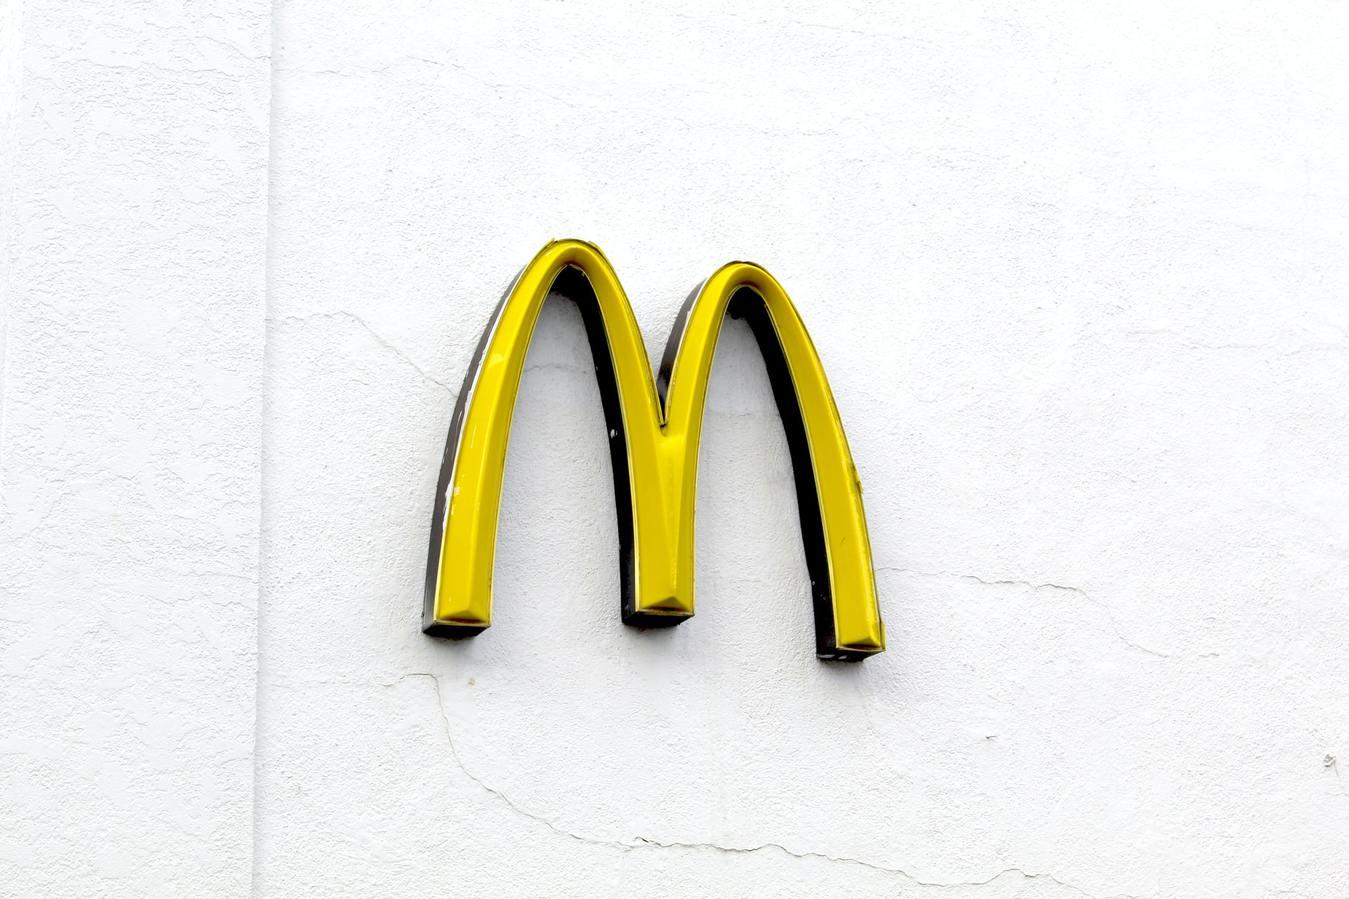 Arcos dourados do McDonalds em fundo branco